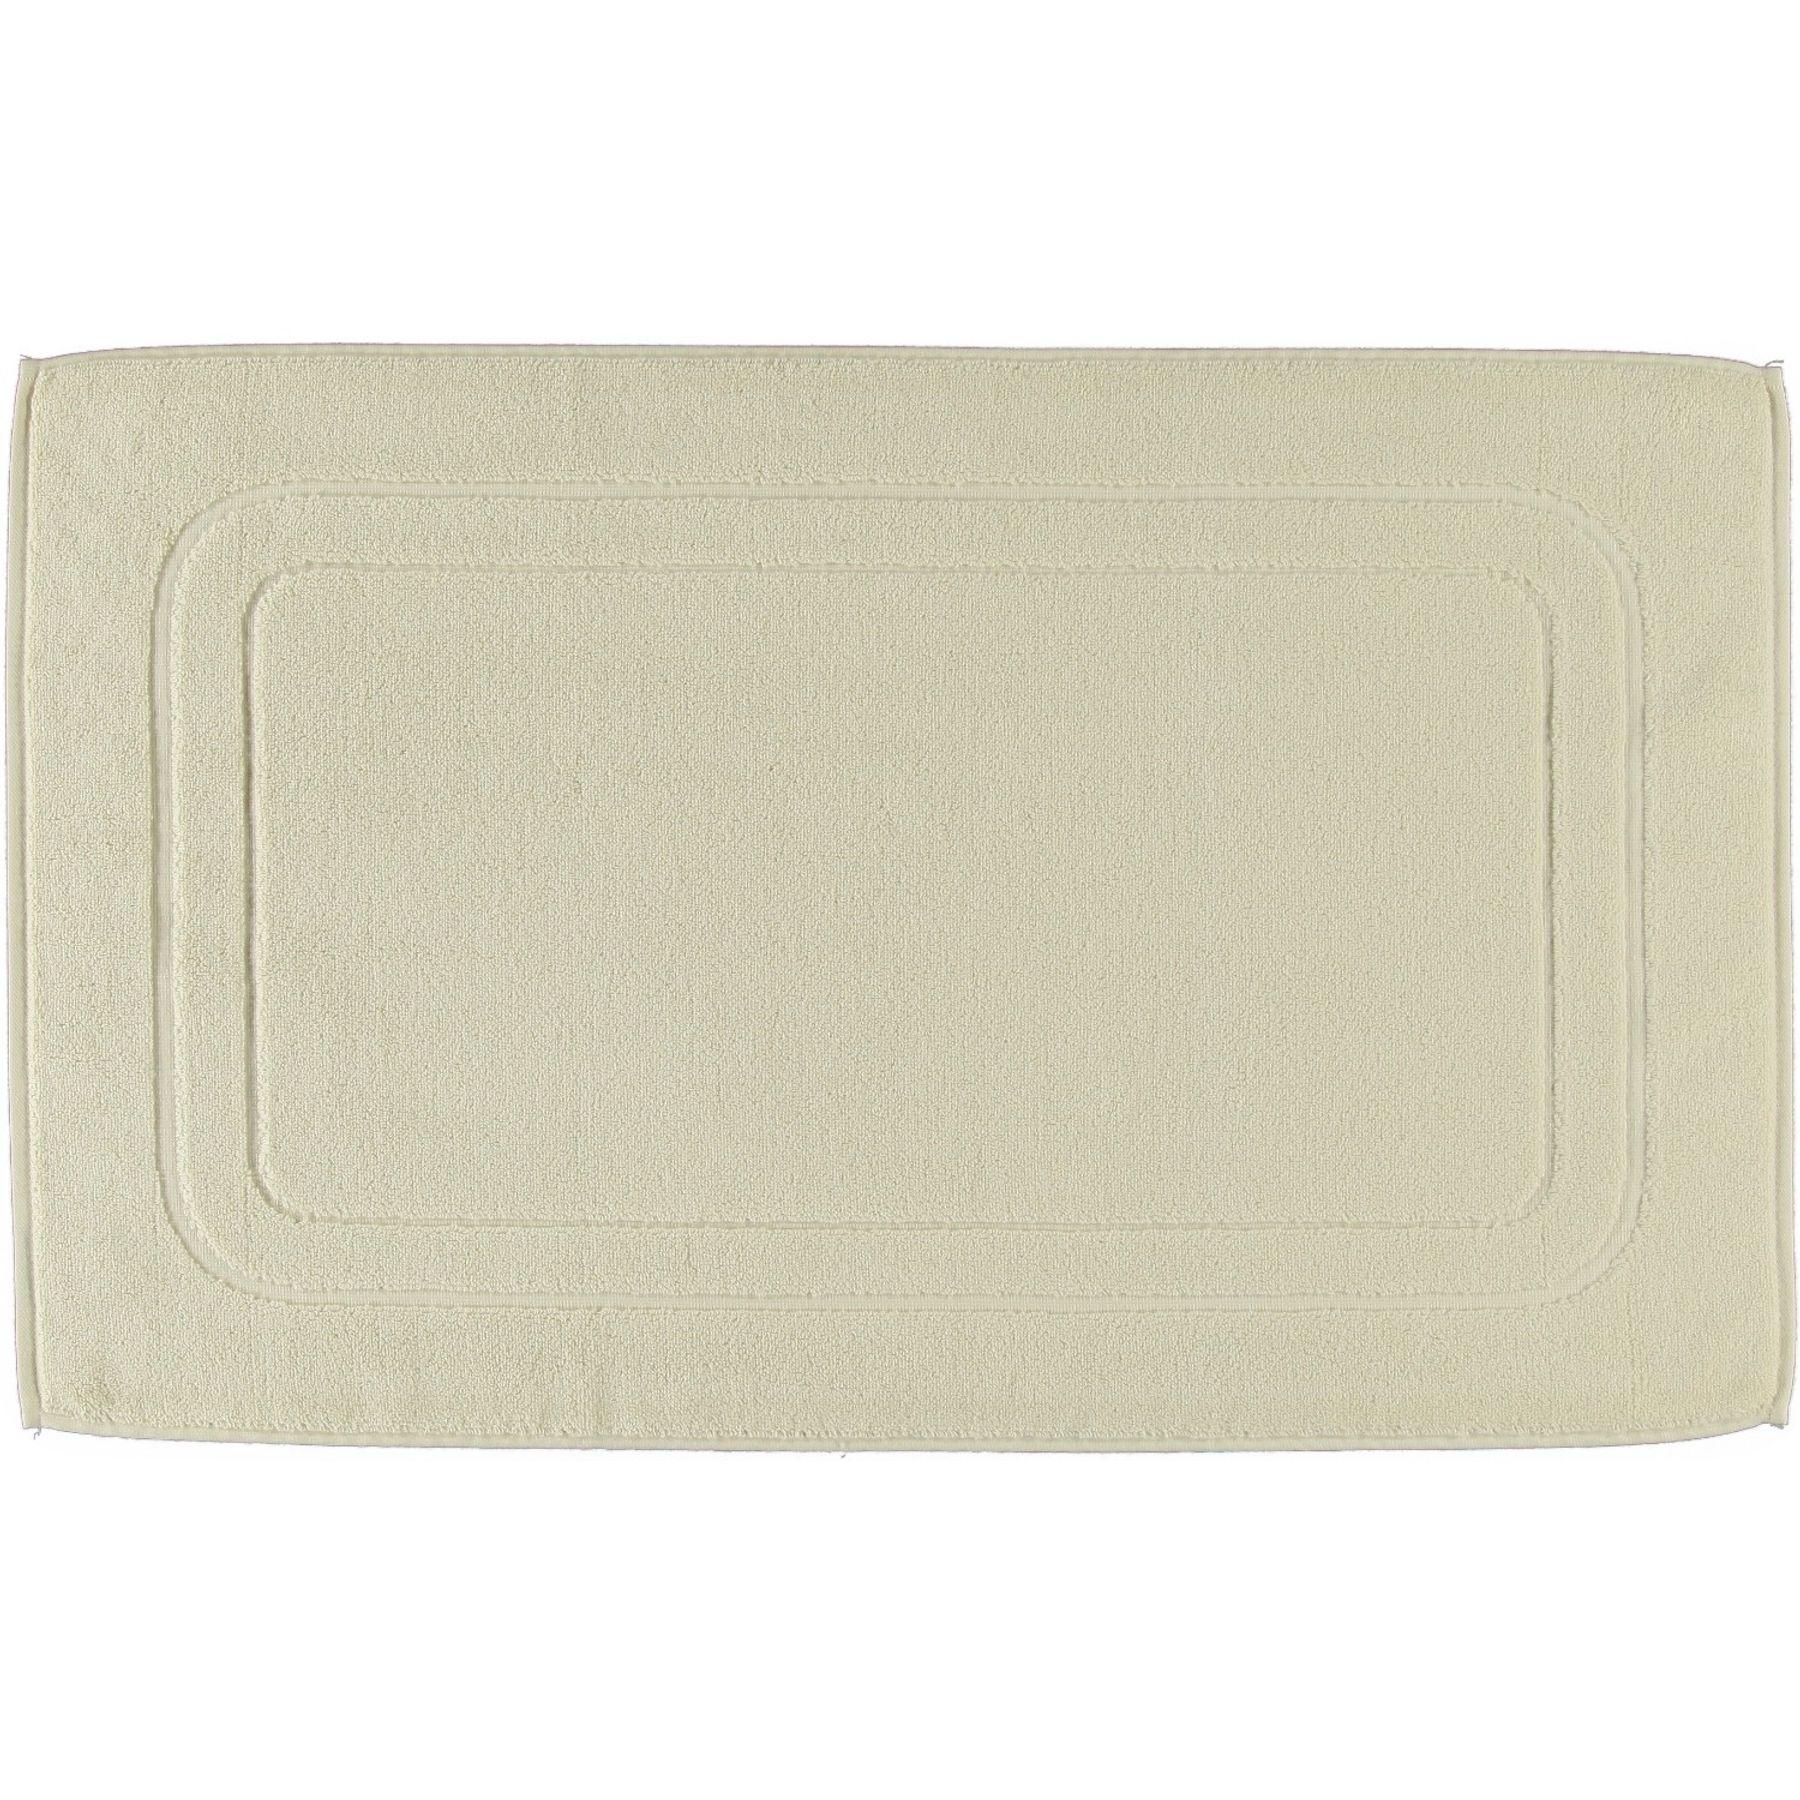 Cawö - Badteppich in verschiedenen Farben (Größe: 50x80 cm) (200) – Bild 10